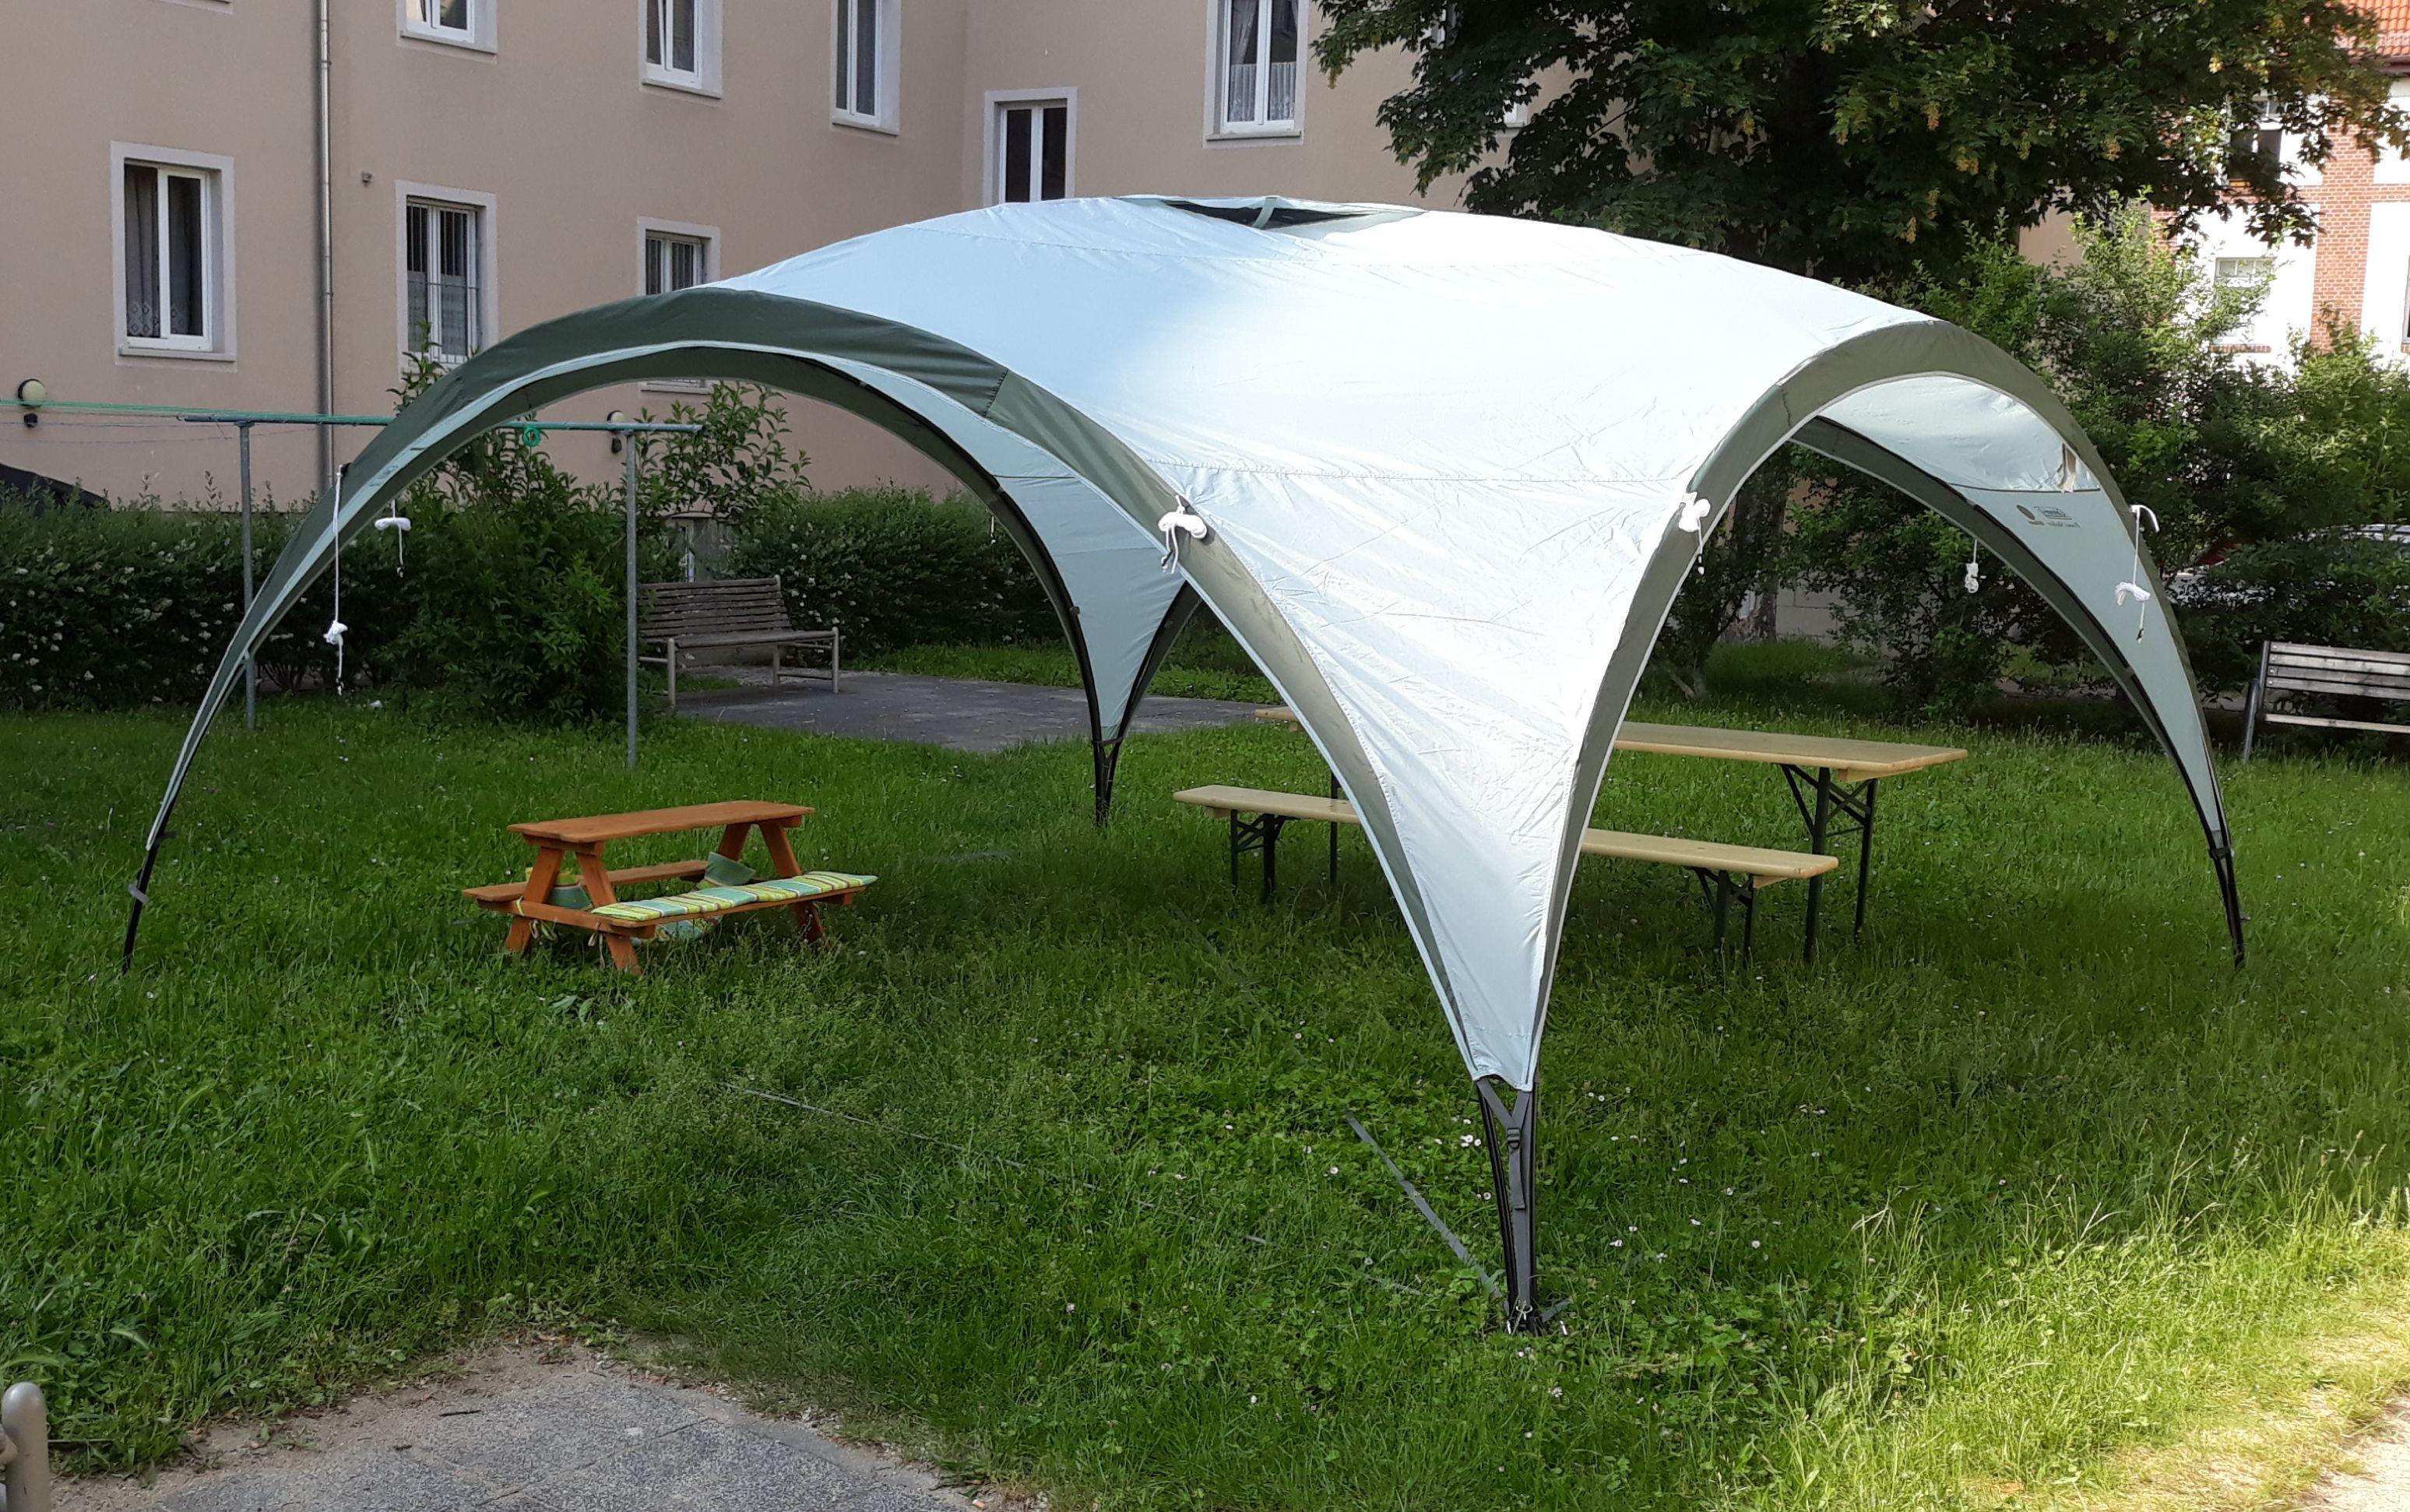 Coleman Event Shelter 4,5 x 4,5m mit Stahlgestänge grün UV-Schutz Zelt Partyzelt Pavillon - Seitenwände [Prime]